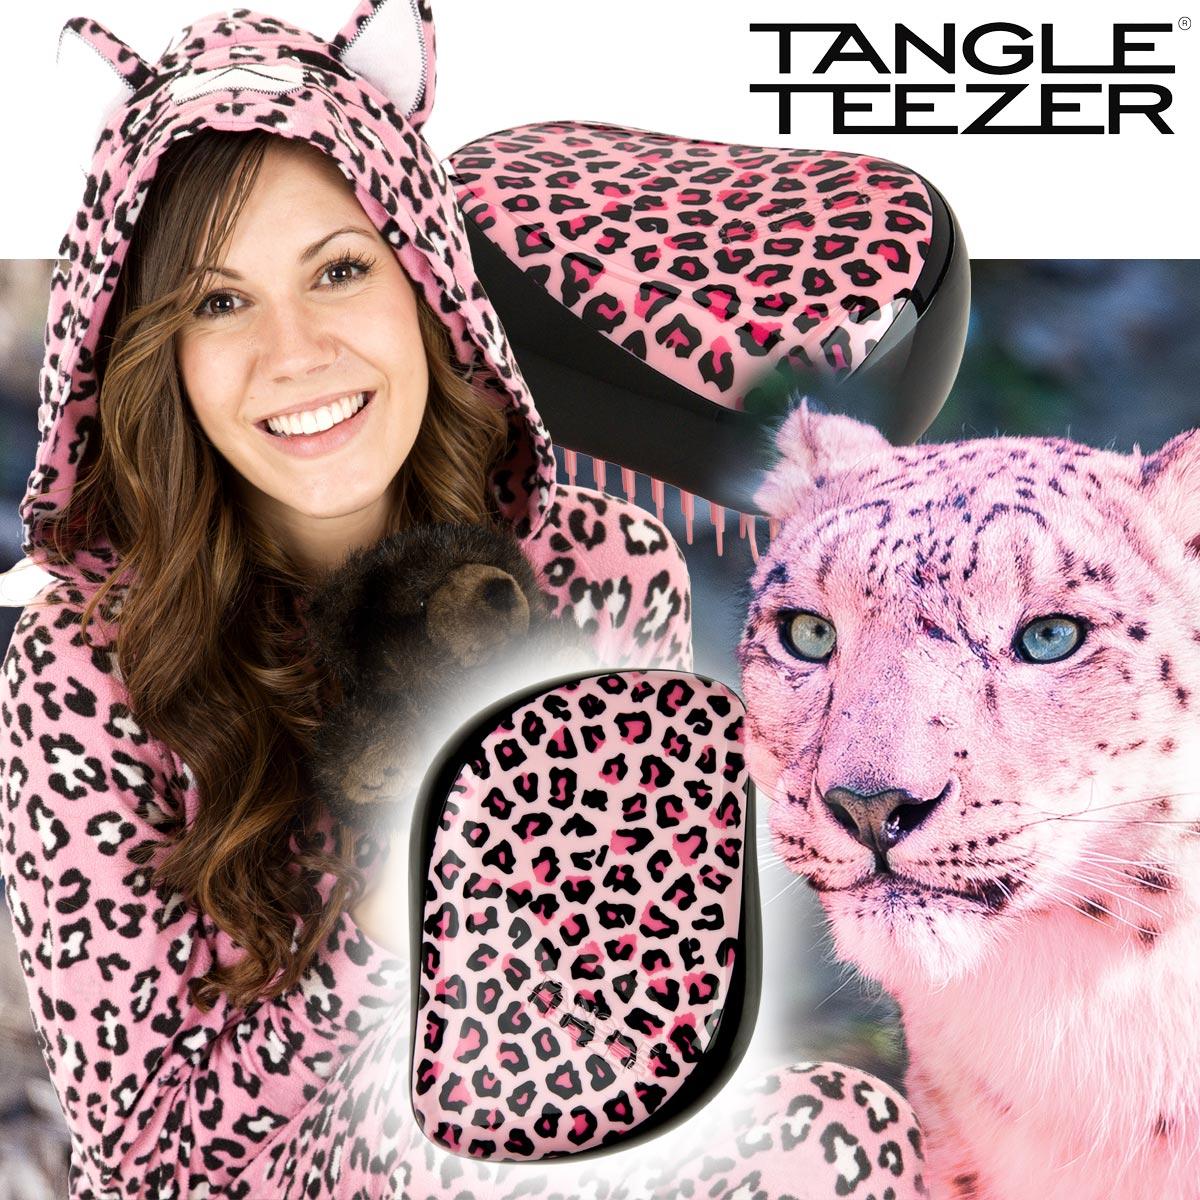 Kartáč na vlasy Tangle Teezer Pink Kitty není hračka pro děti. Je pro ženy romantičky, které si umí hezký a netradiční design kartáče užít.